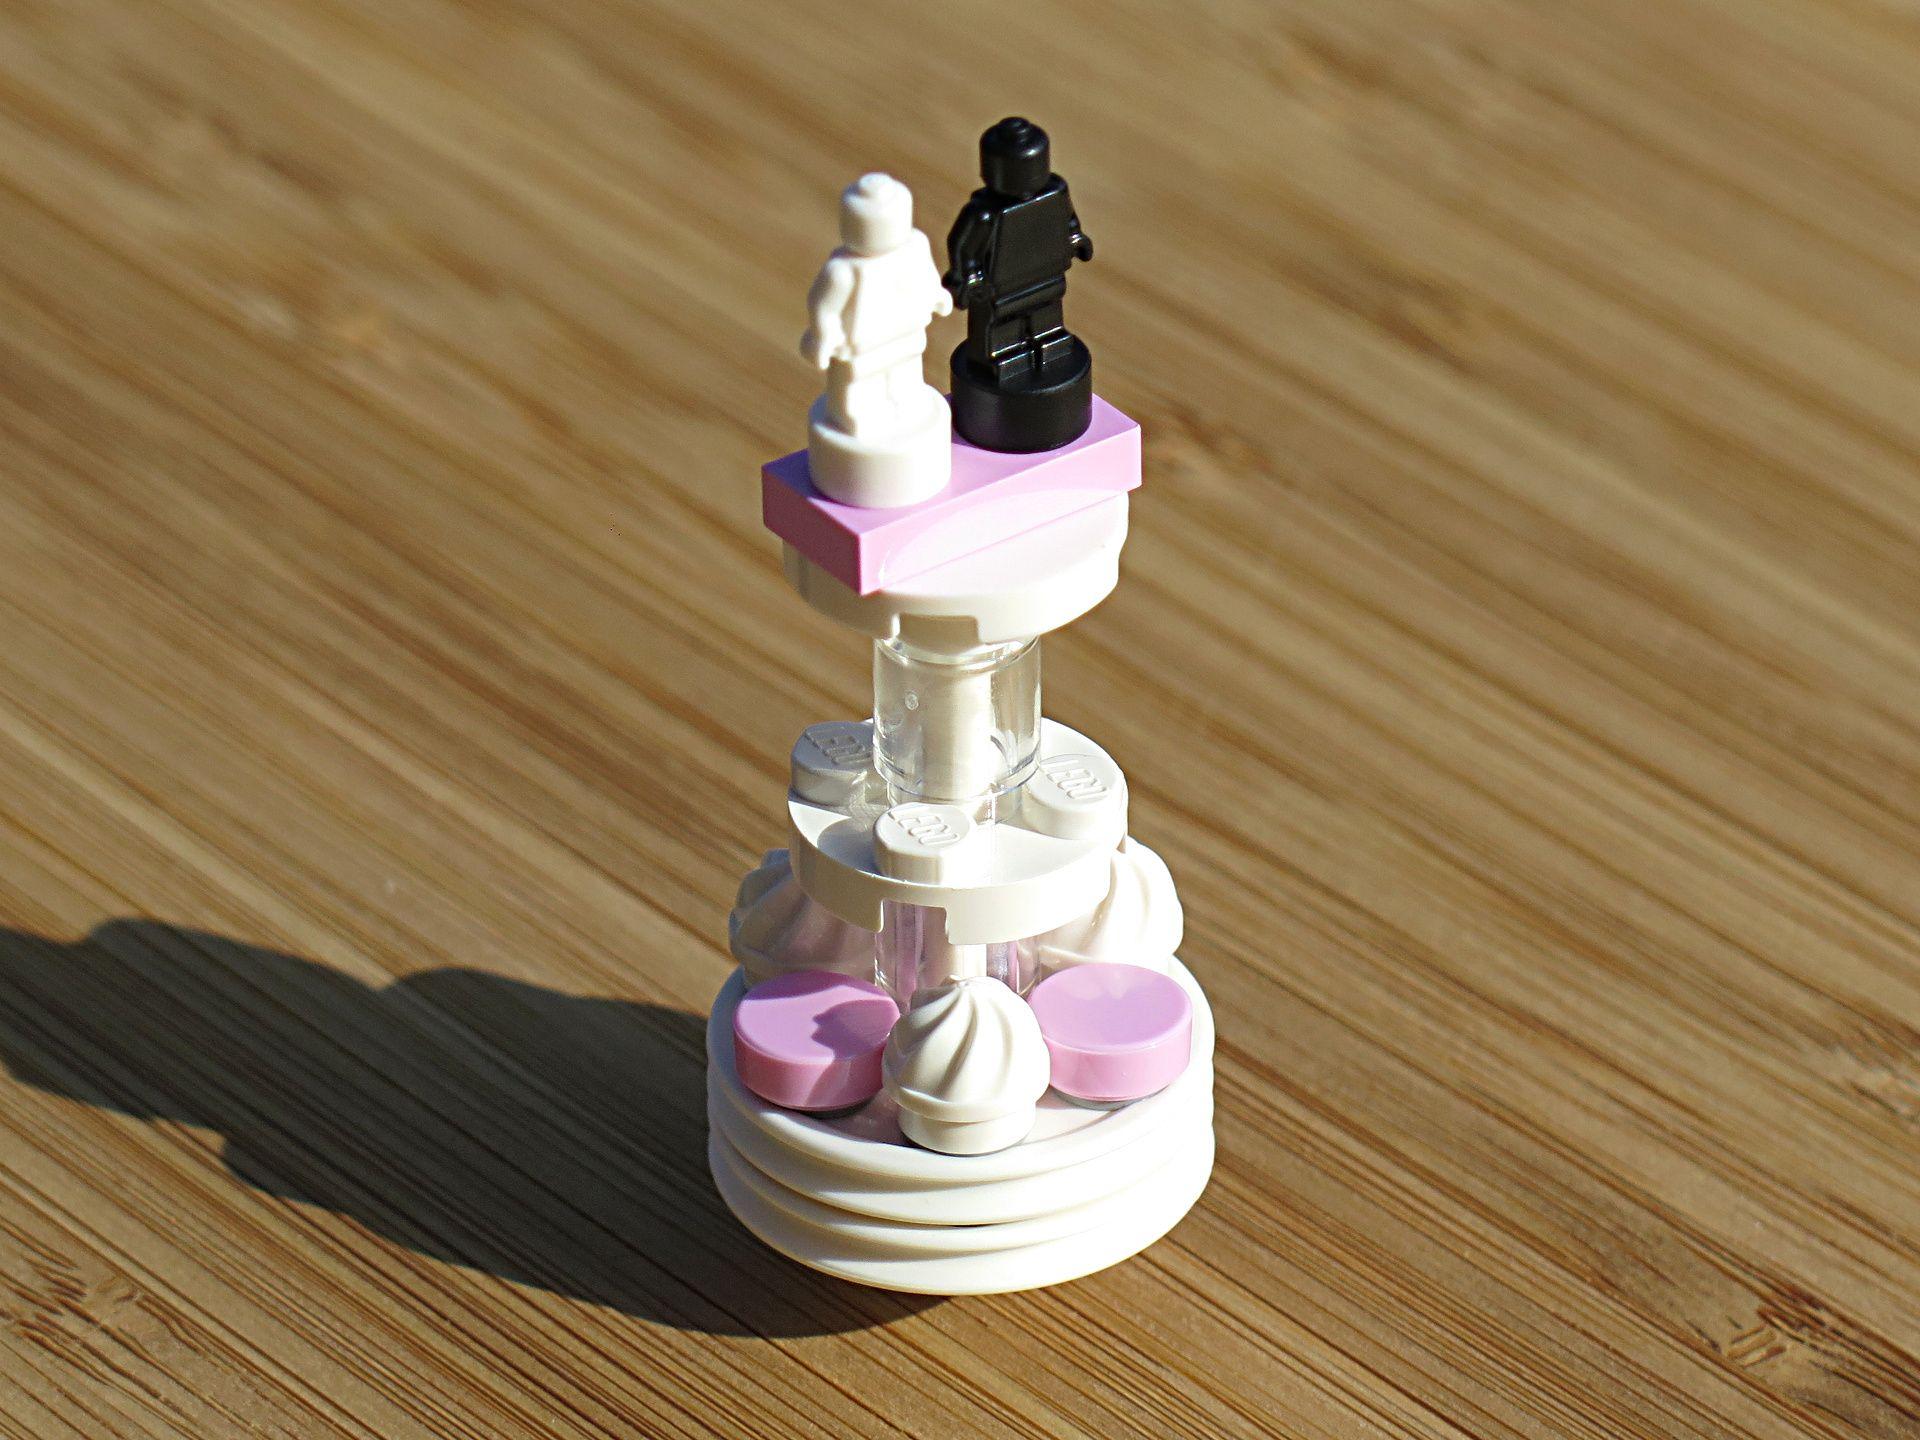 Review Lego Minifiguren Hochzeits Set 2018 40197 Brickzeit